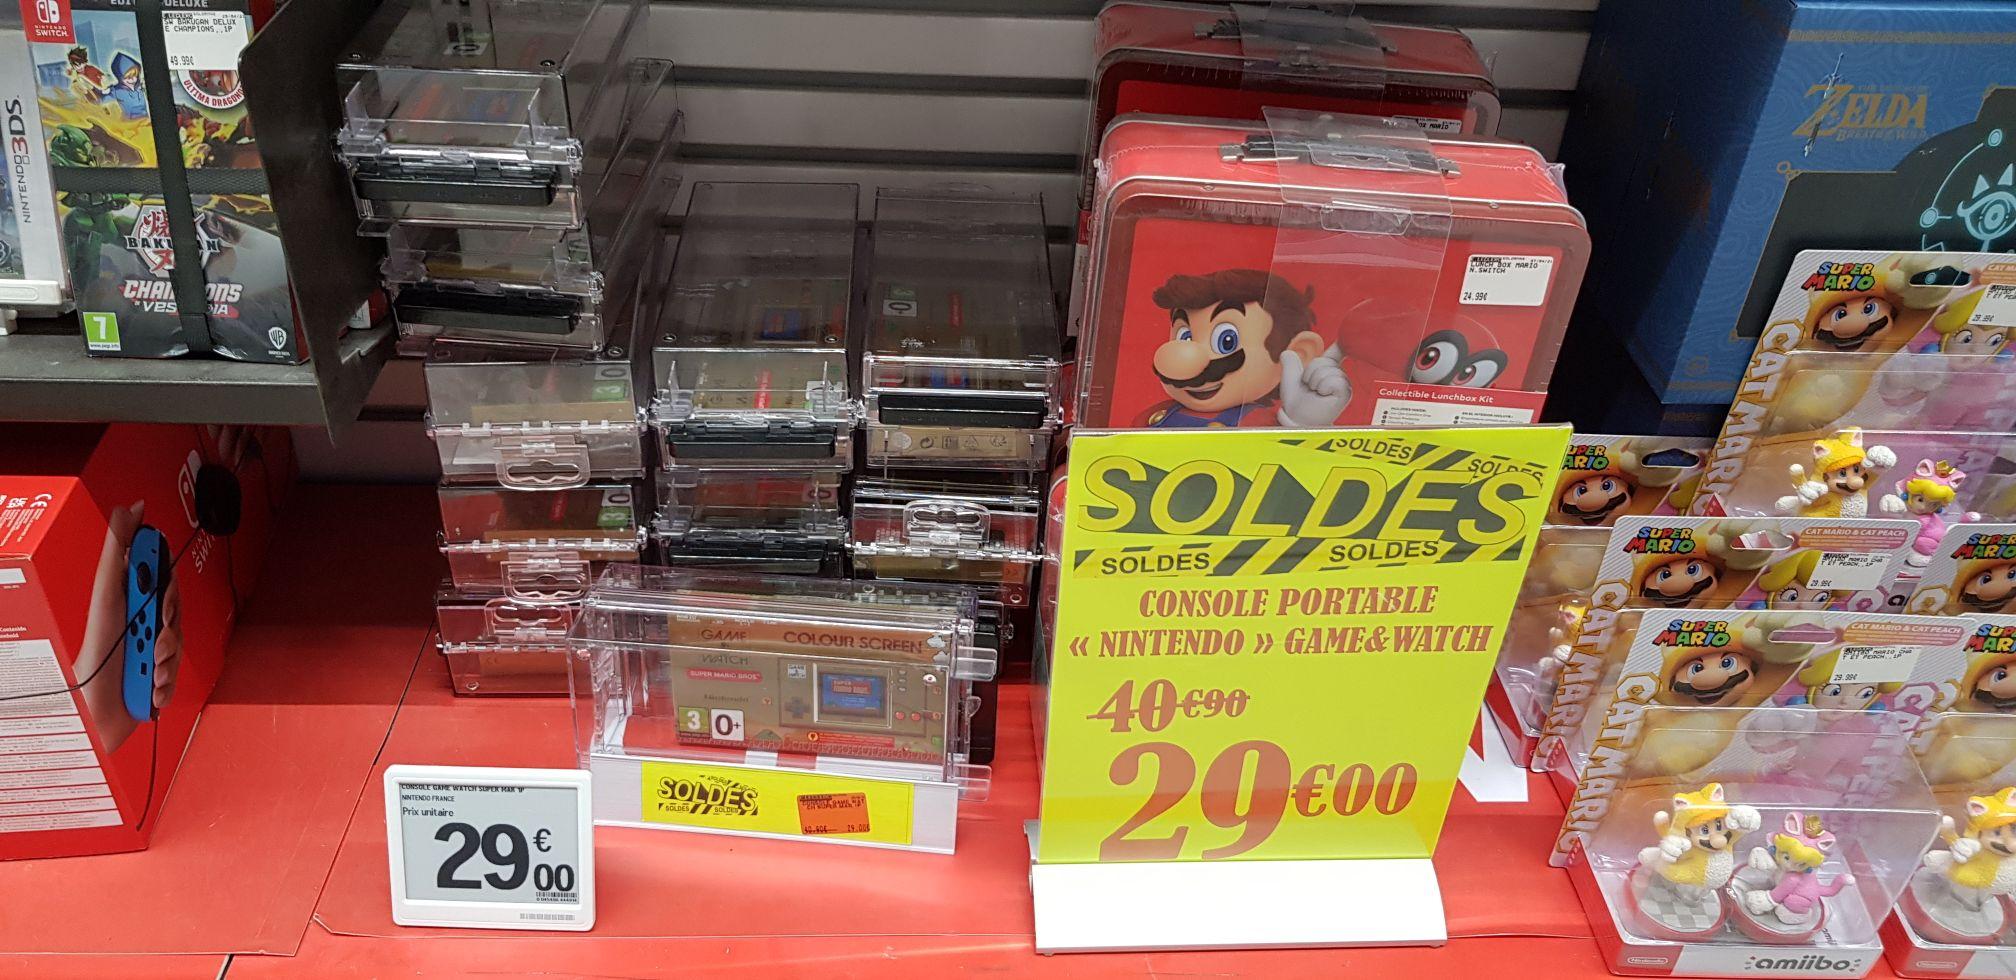 Console portable Nintendo Game & Watch Mario - Thionville (57)